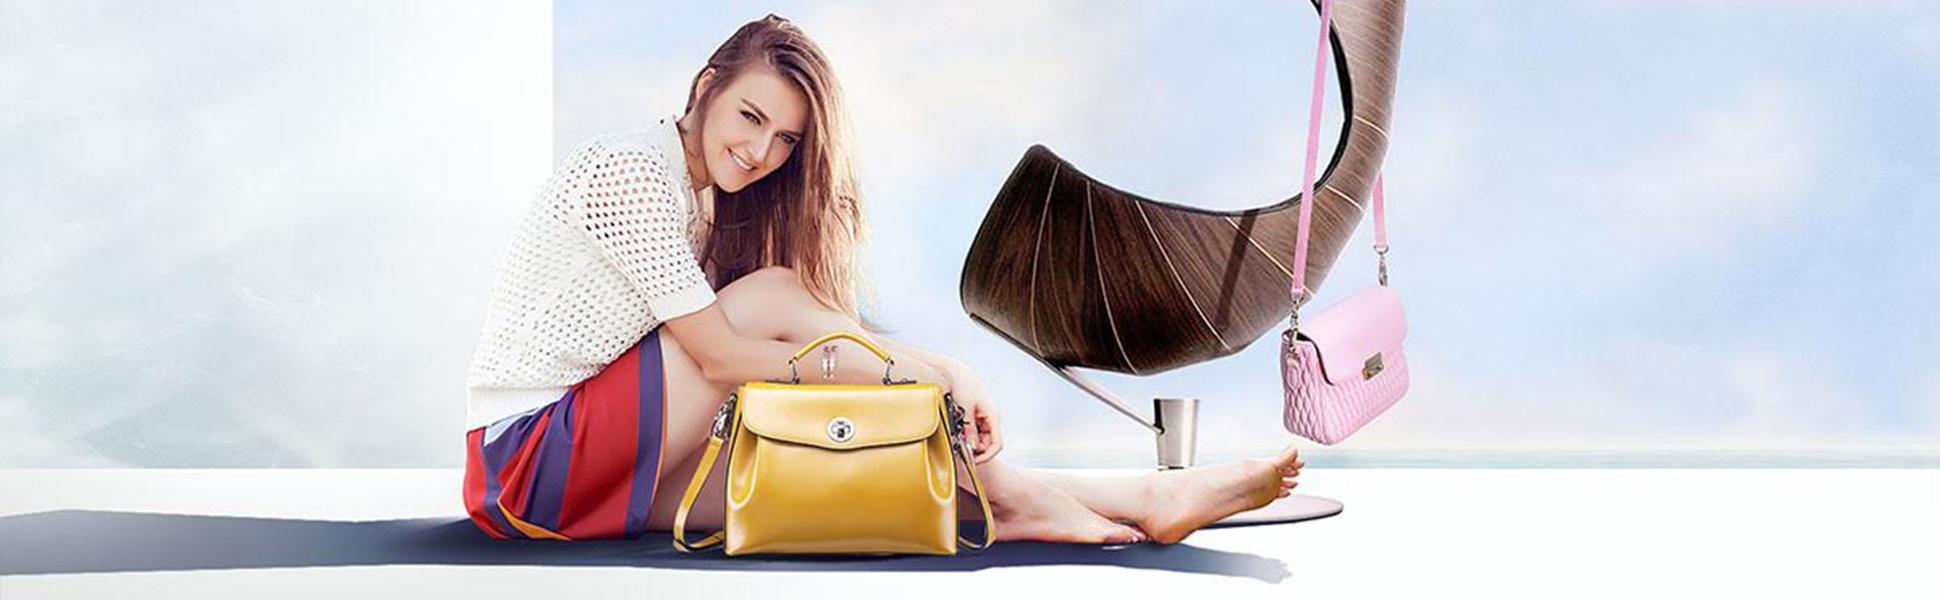 Kožené kabelky z luxusných materiálov